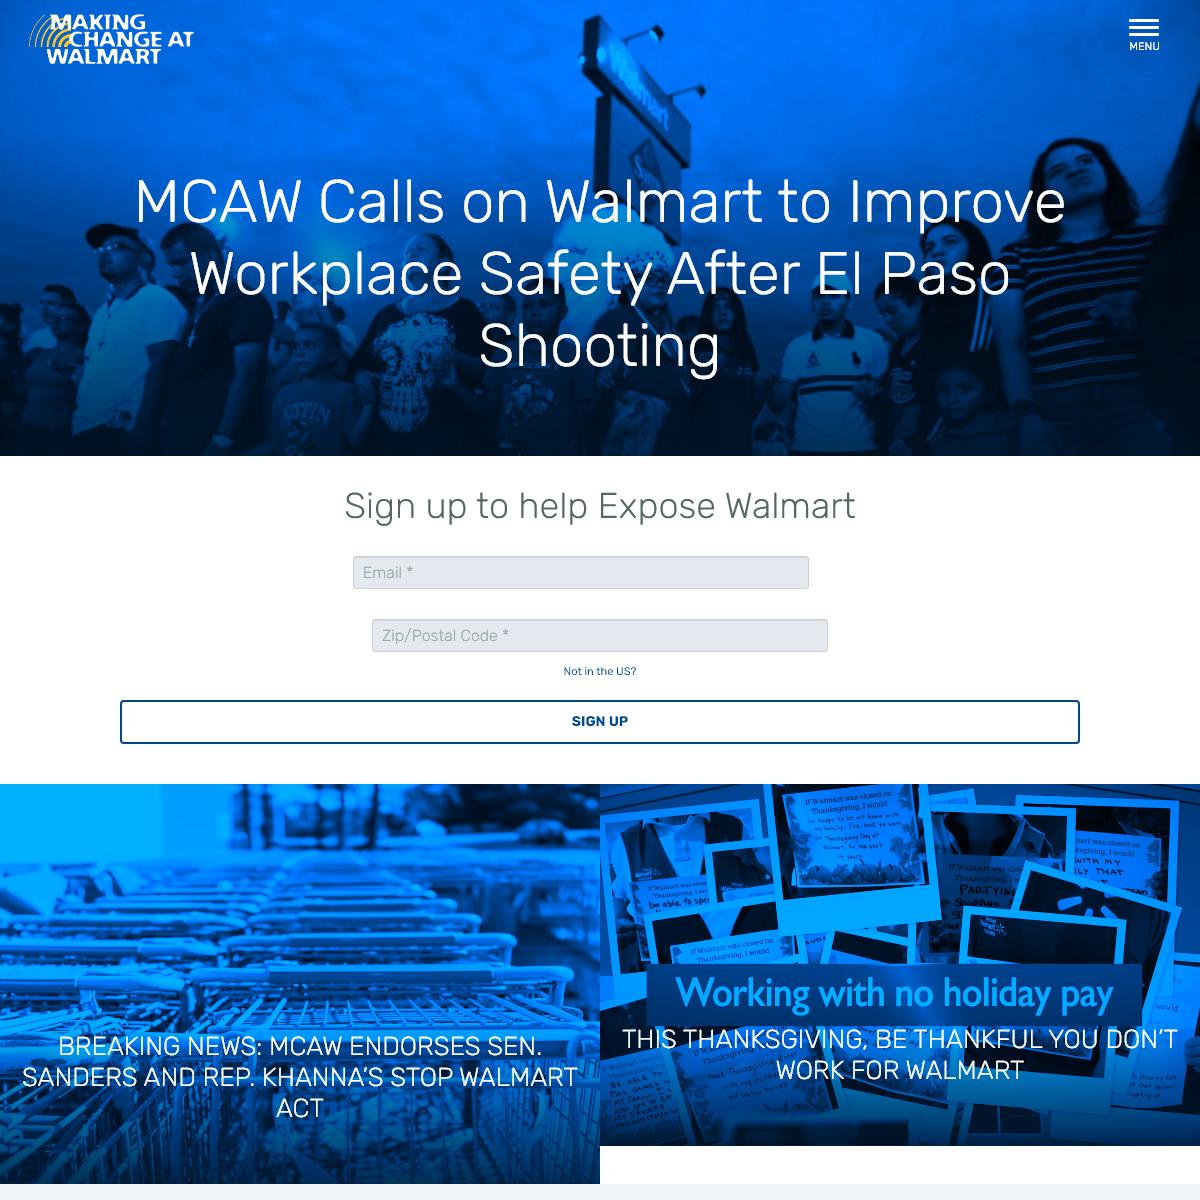 Making Change at Walmart - Change Walmart. Rebuild America.